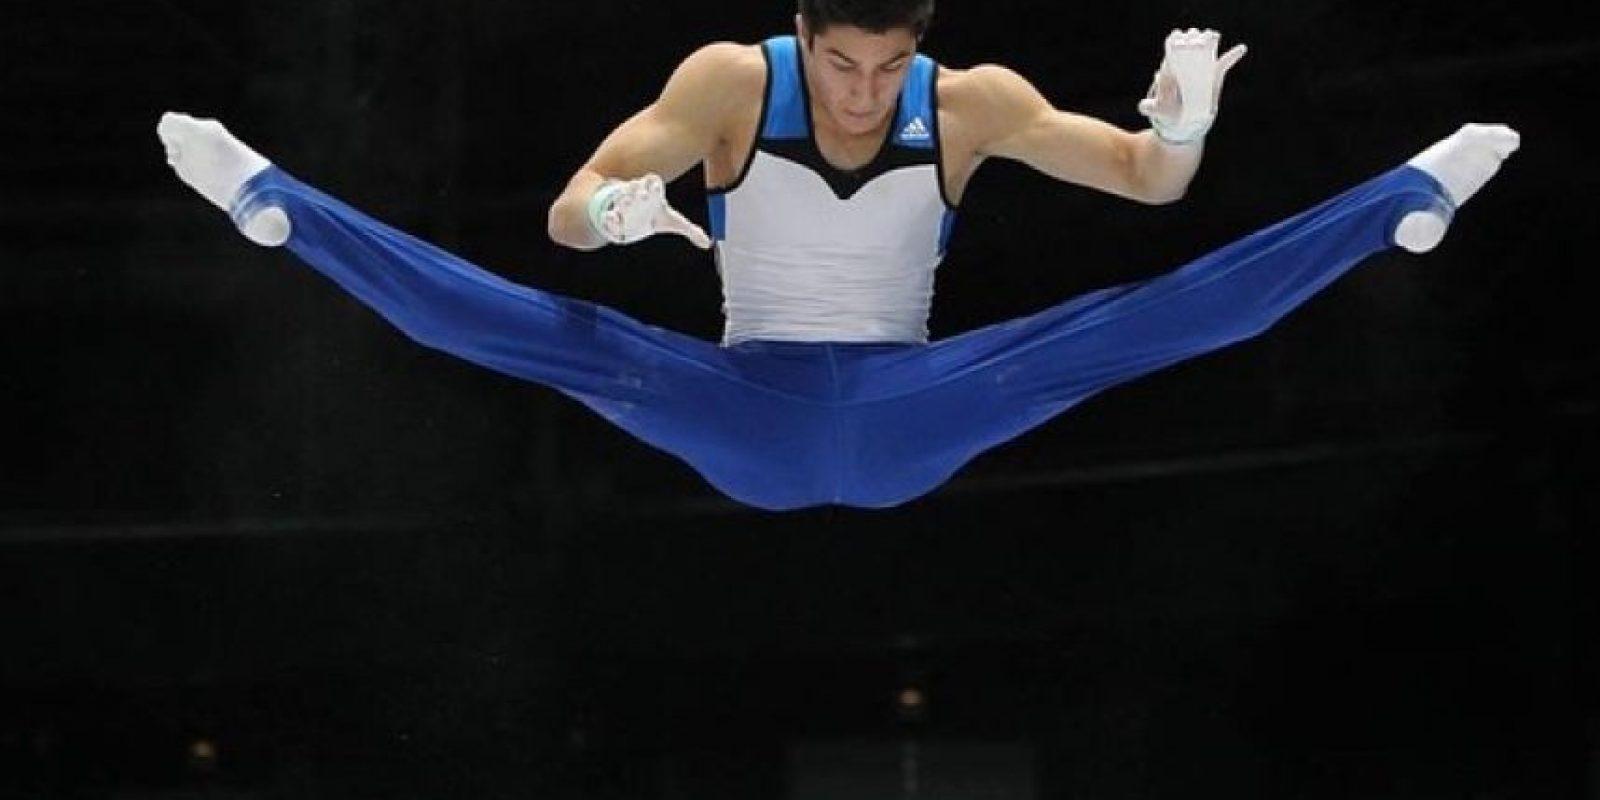 """El gimnasta Arthur Nory subió un video a Snapchat, en el que varios deportistas llaman """"negro"""" a su compañero Angelo Assumpçao, previo a los Juegos Panamericanos Foto:/instagram.com/arthurnory"""